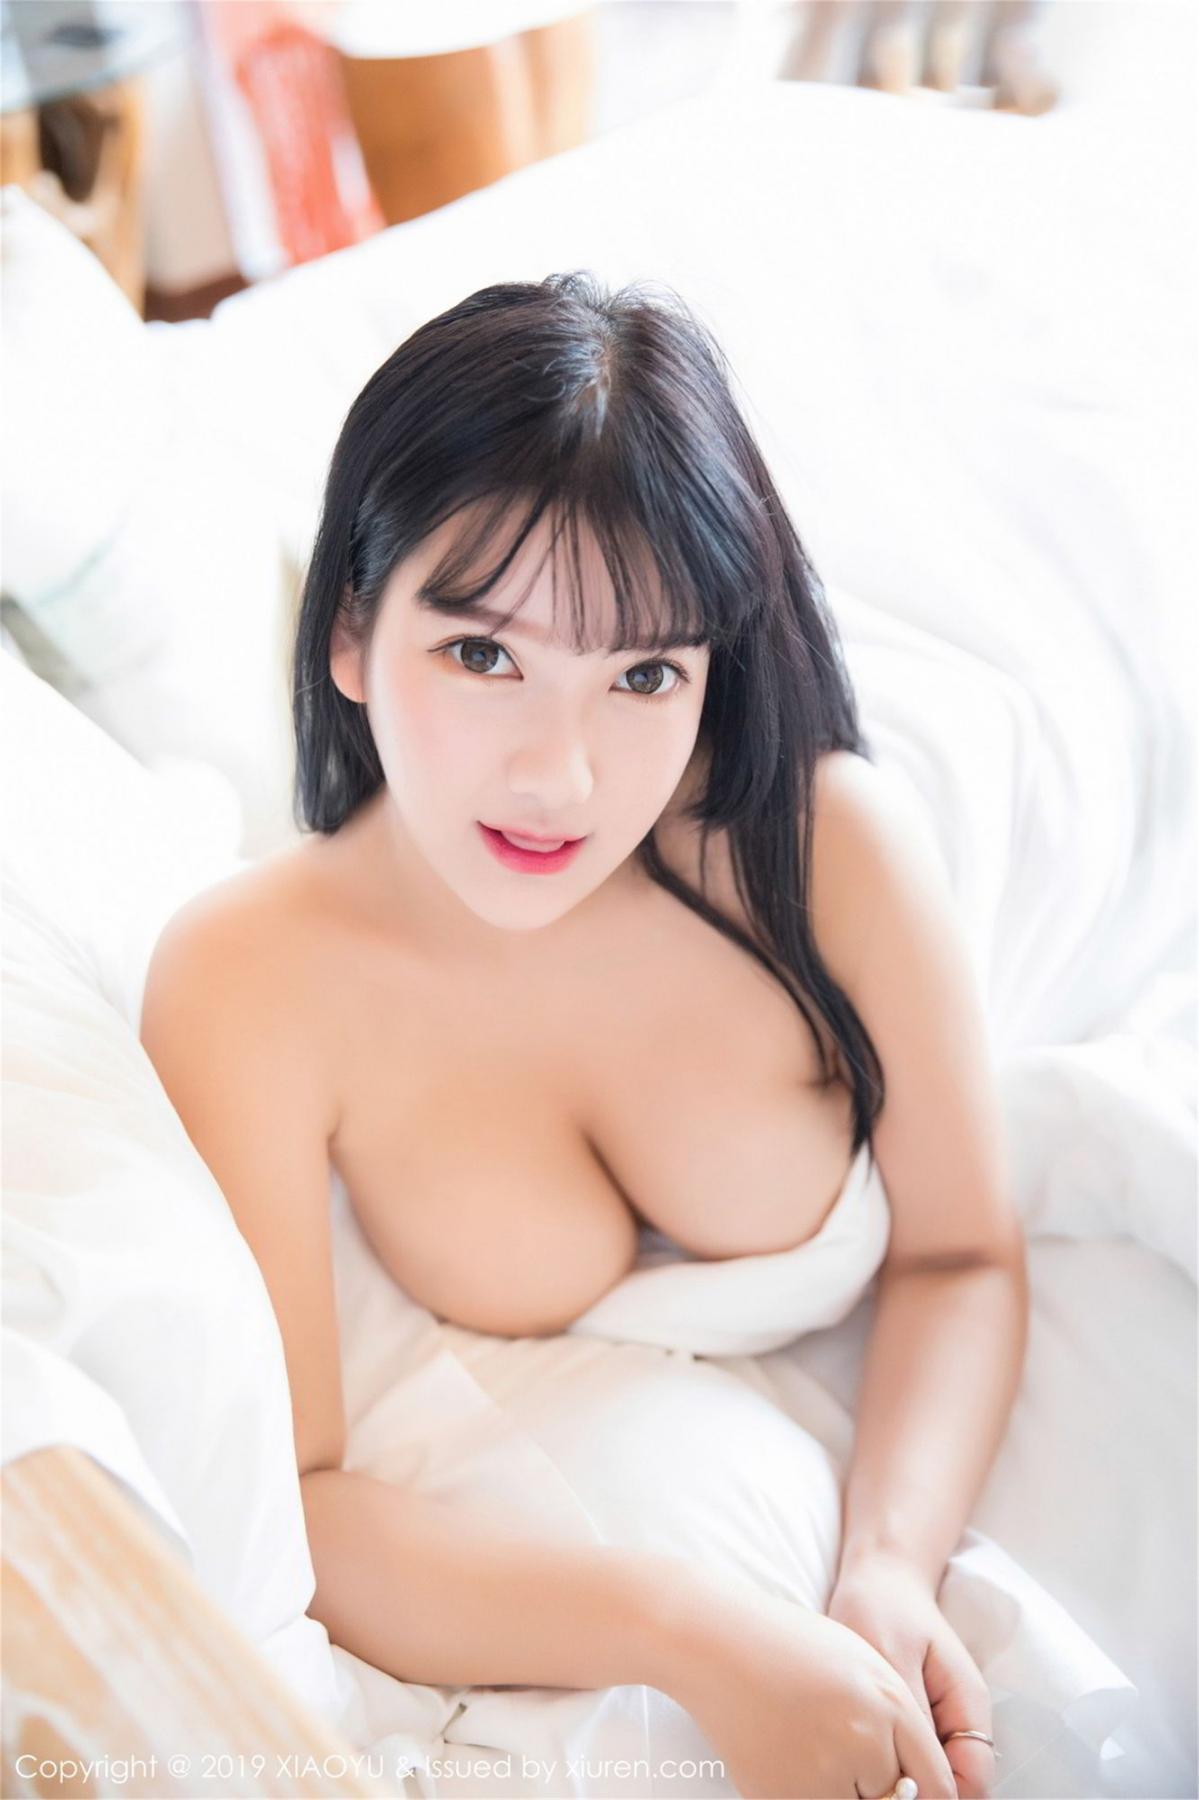 [XiaoYu] Vol.070 Lu Lu Xiao Miao 12P, Baby Face Big Boobs, Lovely, Lu Lu Xiao Miao, XiaoYu